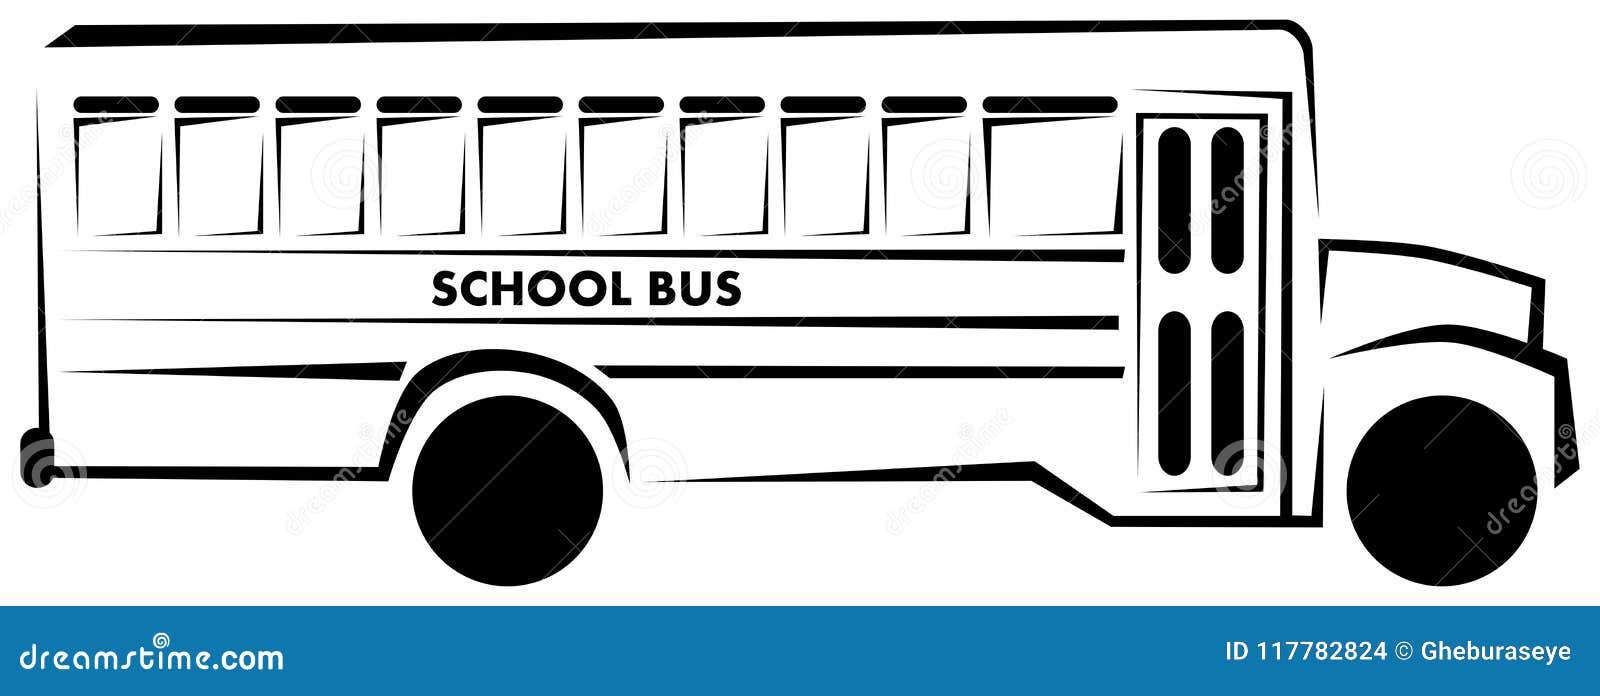 Τυποποιημένο σχολικό λεωφορείο σε γραπτό που απομονώνεται